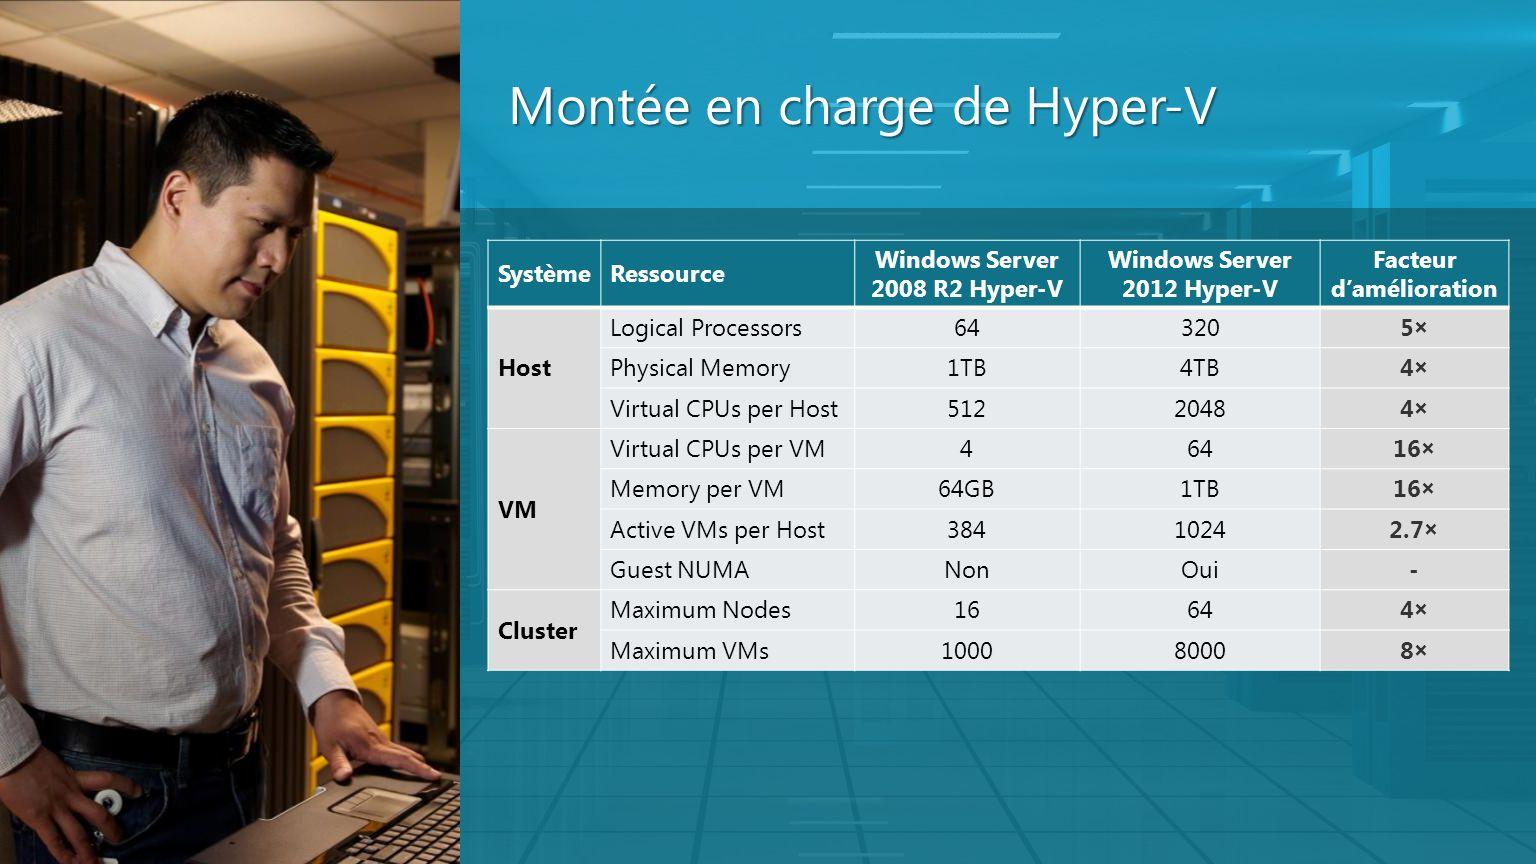 Capacités de stockage améliorées Up to 64TB Virtual Hard Disk (VHDX) Size (1/2) Nouveau format VHDX d Hyper-V intégrant : La prise en charge d une capacité de stockage sur disque dur virtuel pouvant atteindre 64 To.